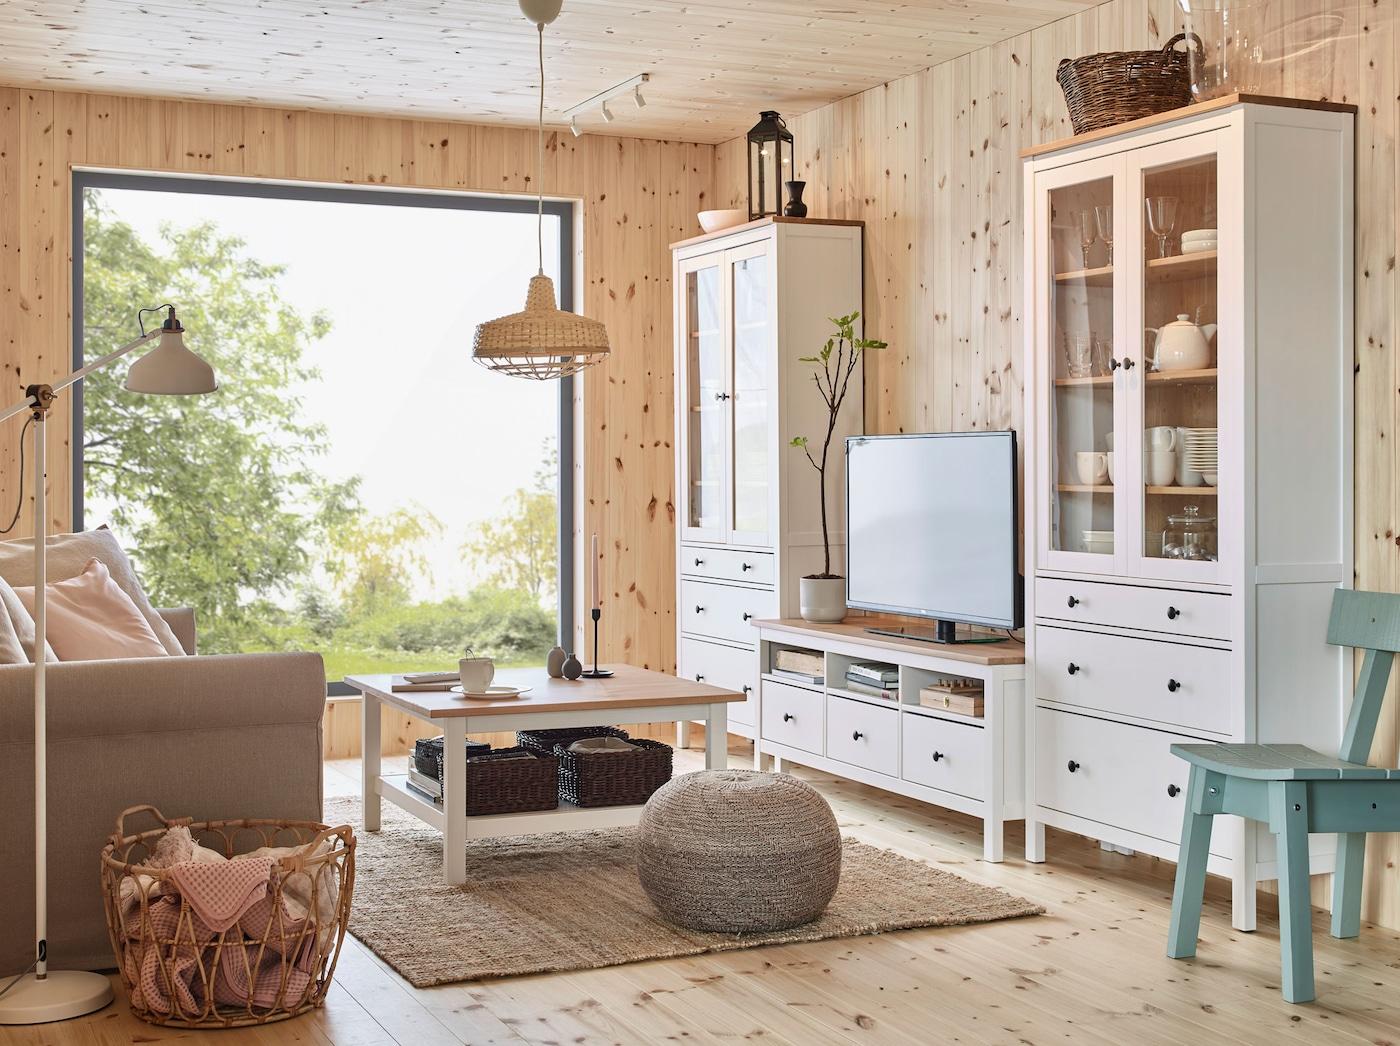 Uudet IKEA HEMNES kalusteet sisältävät kaikkea olohuoneen sisustukseen. Kaapit, sohvapöydät ja hyllyt on tehty raikkaasta ja sileästä massiivimännystä. Luonnollisen tyylinen olohuone.